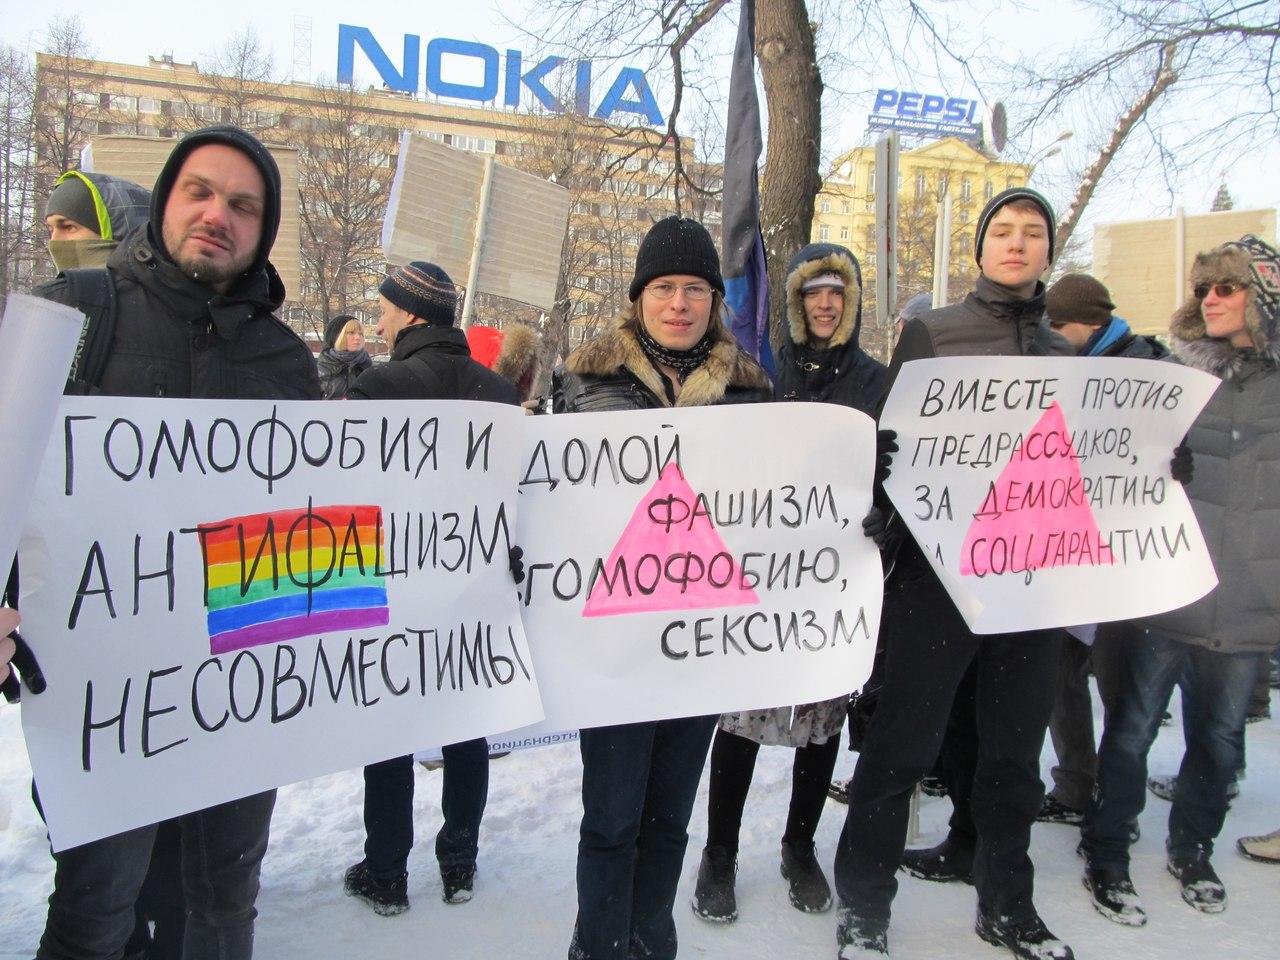 Гомофобия (homophobia) что это такое простыми словами